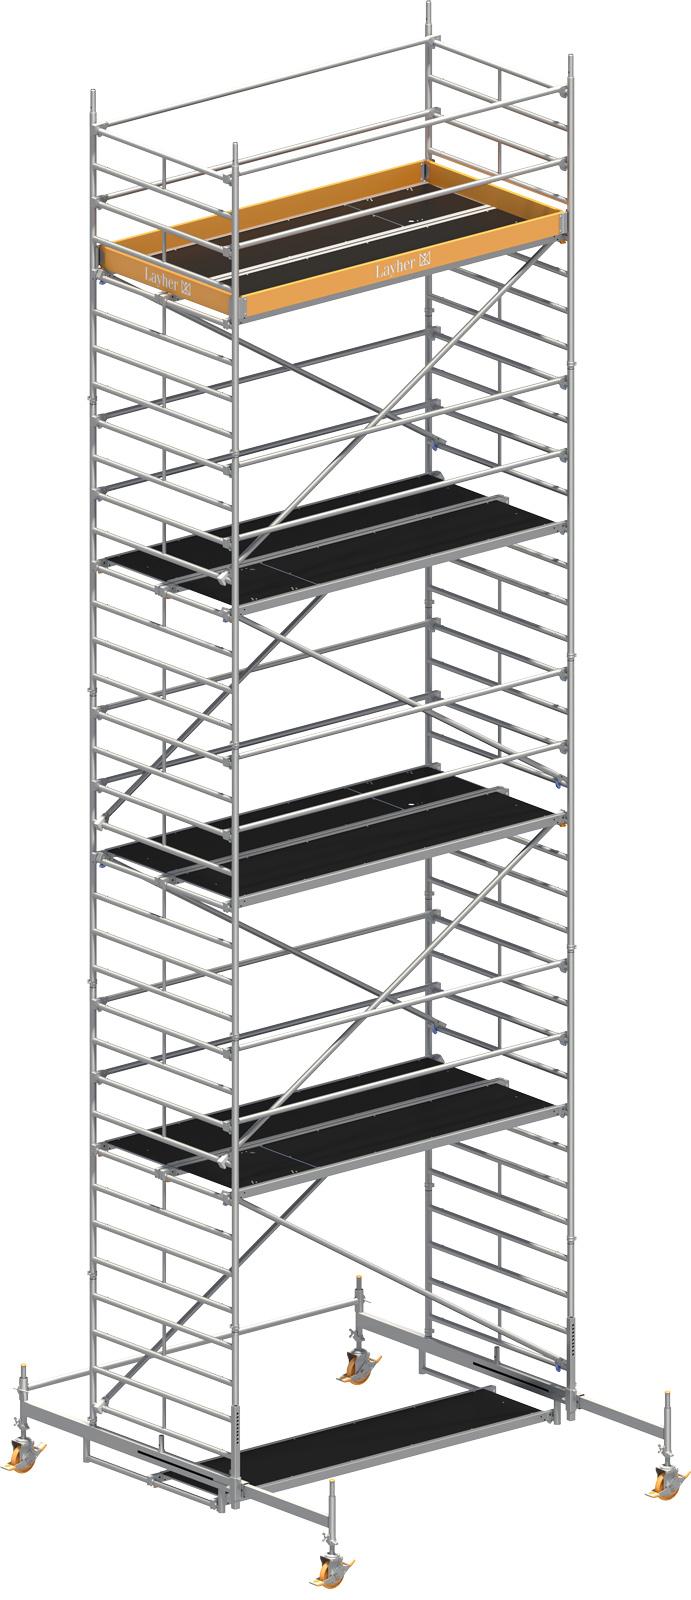 Fahrgerüst Layher Uni Breit P2 1402108 mit Diagonal-Optimierung